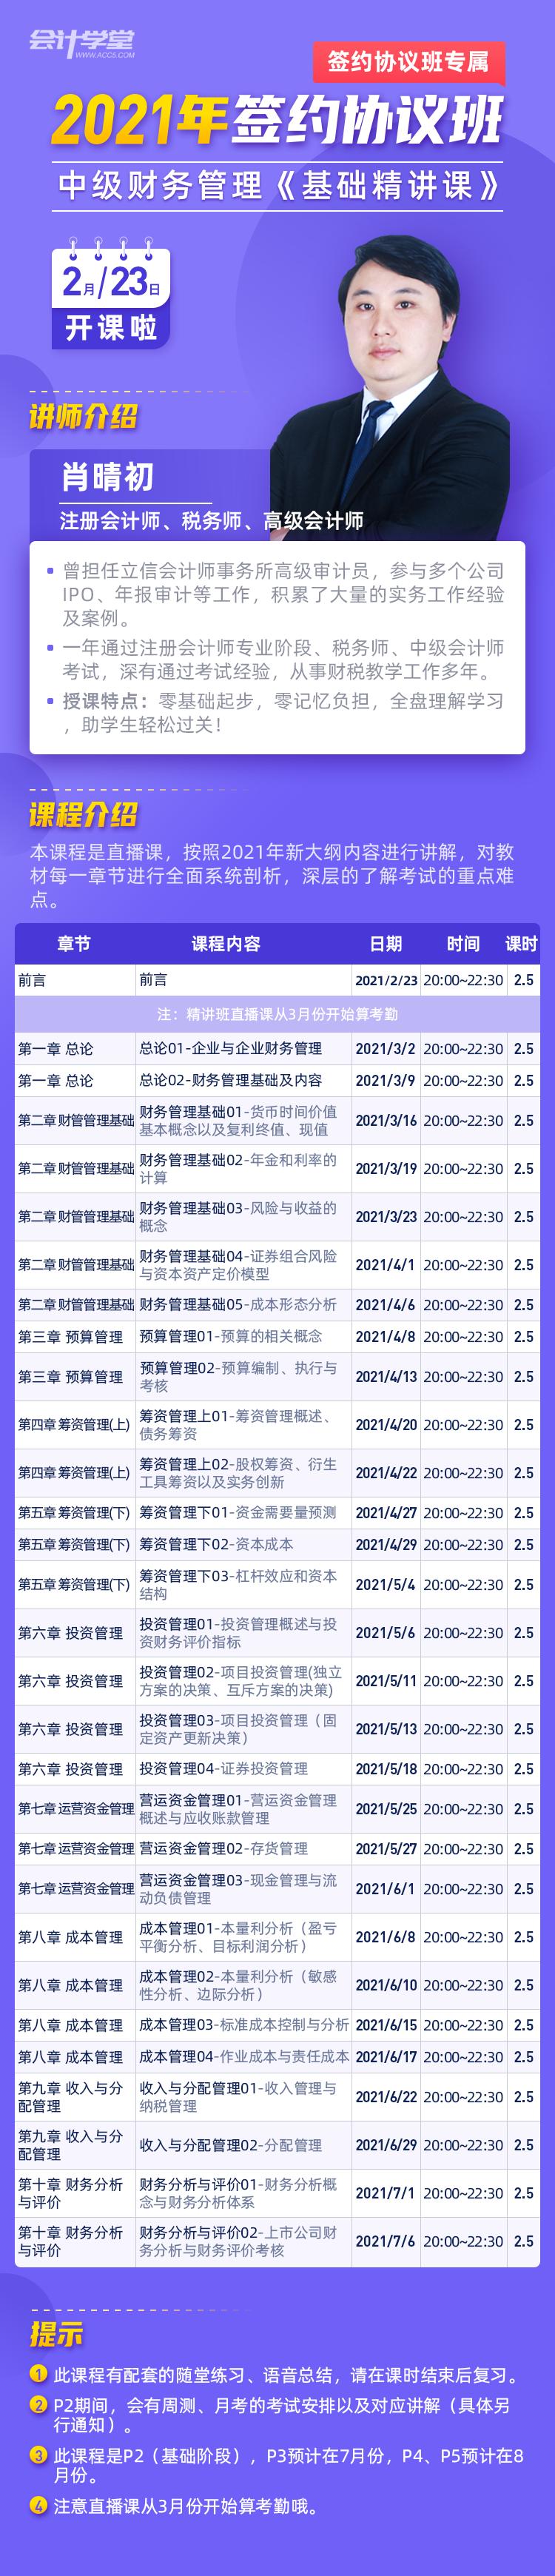 中级财务管理-2月24号.png